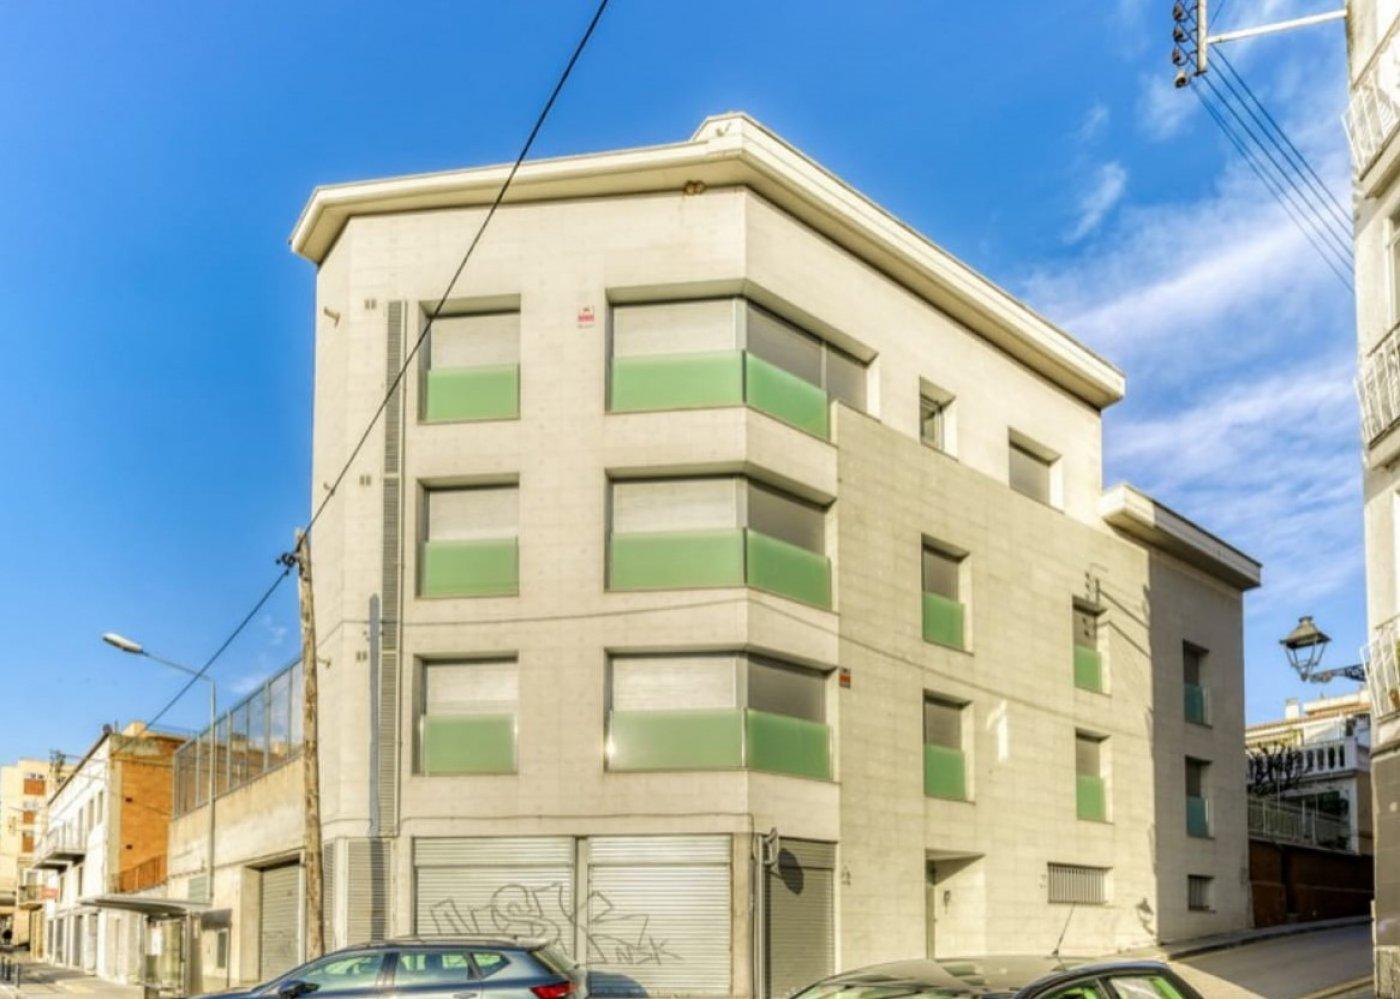 Edificio  Rubi ,centre. Edificio en rubí centro